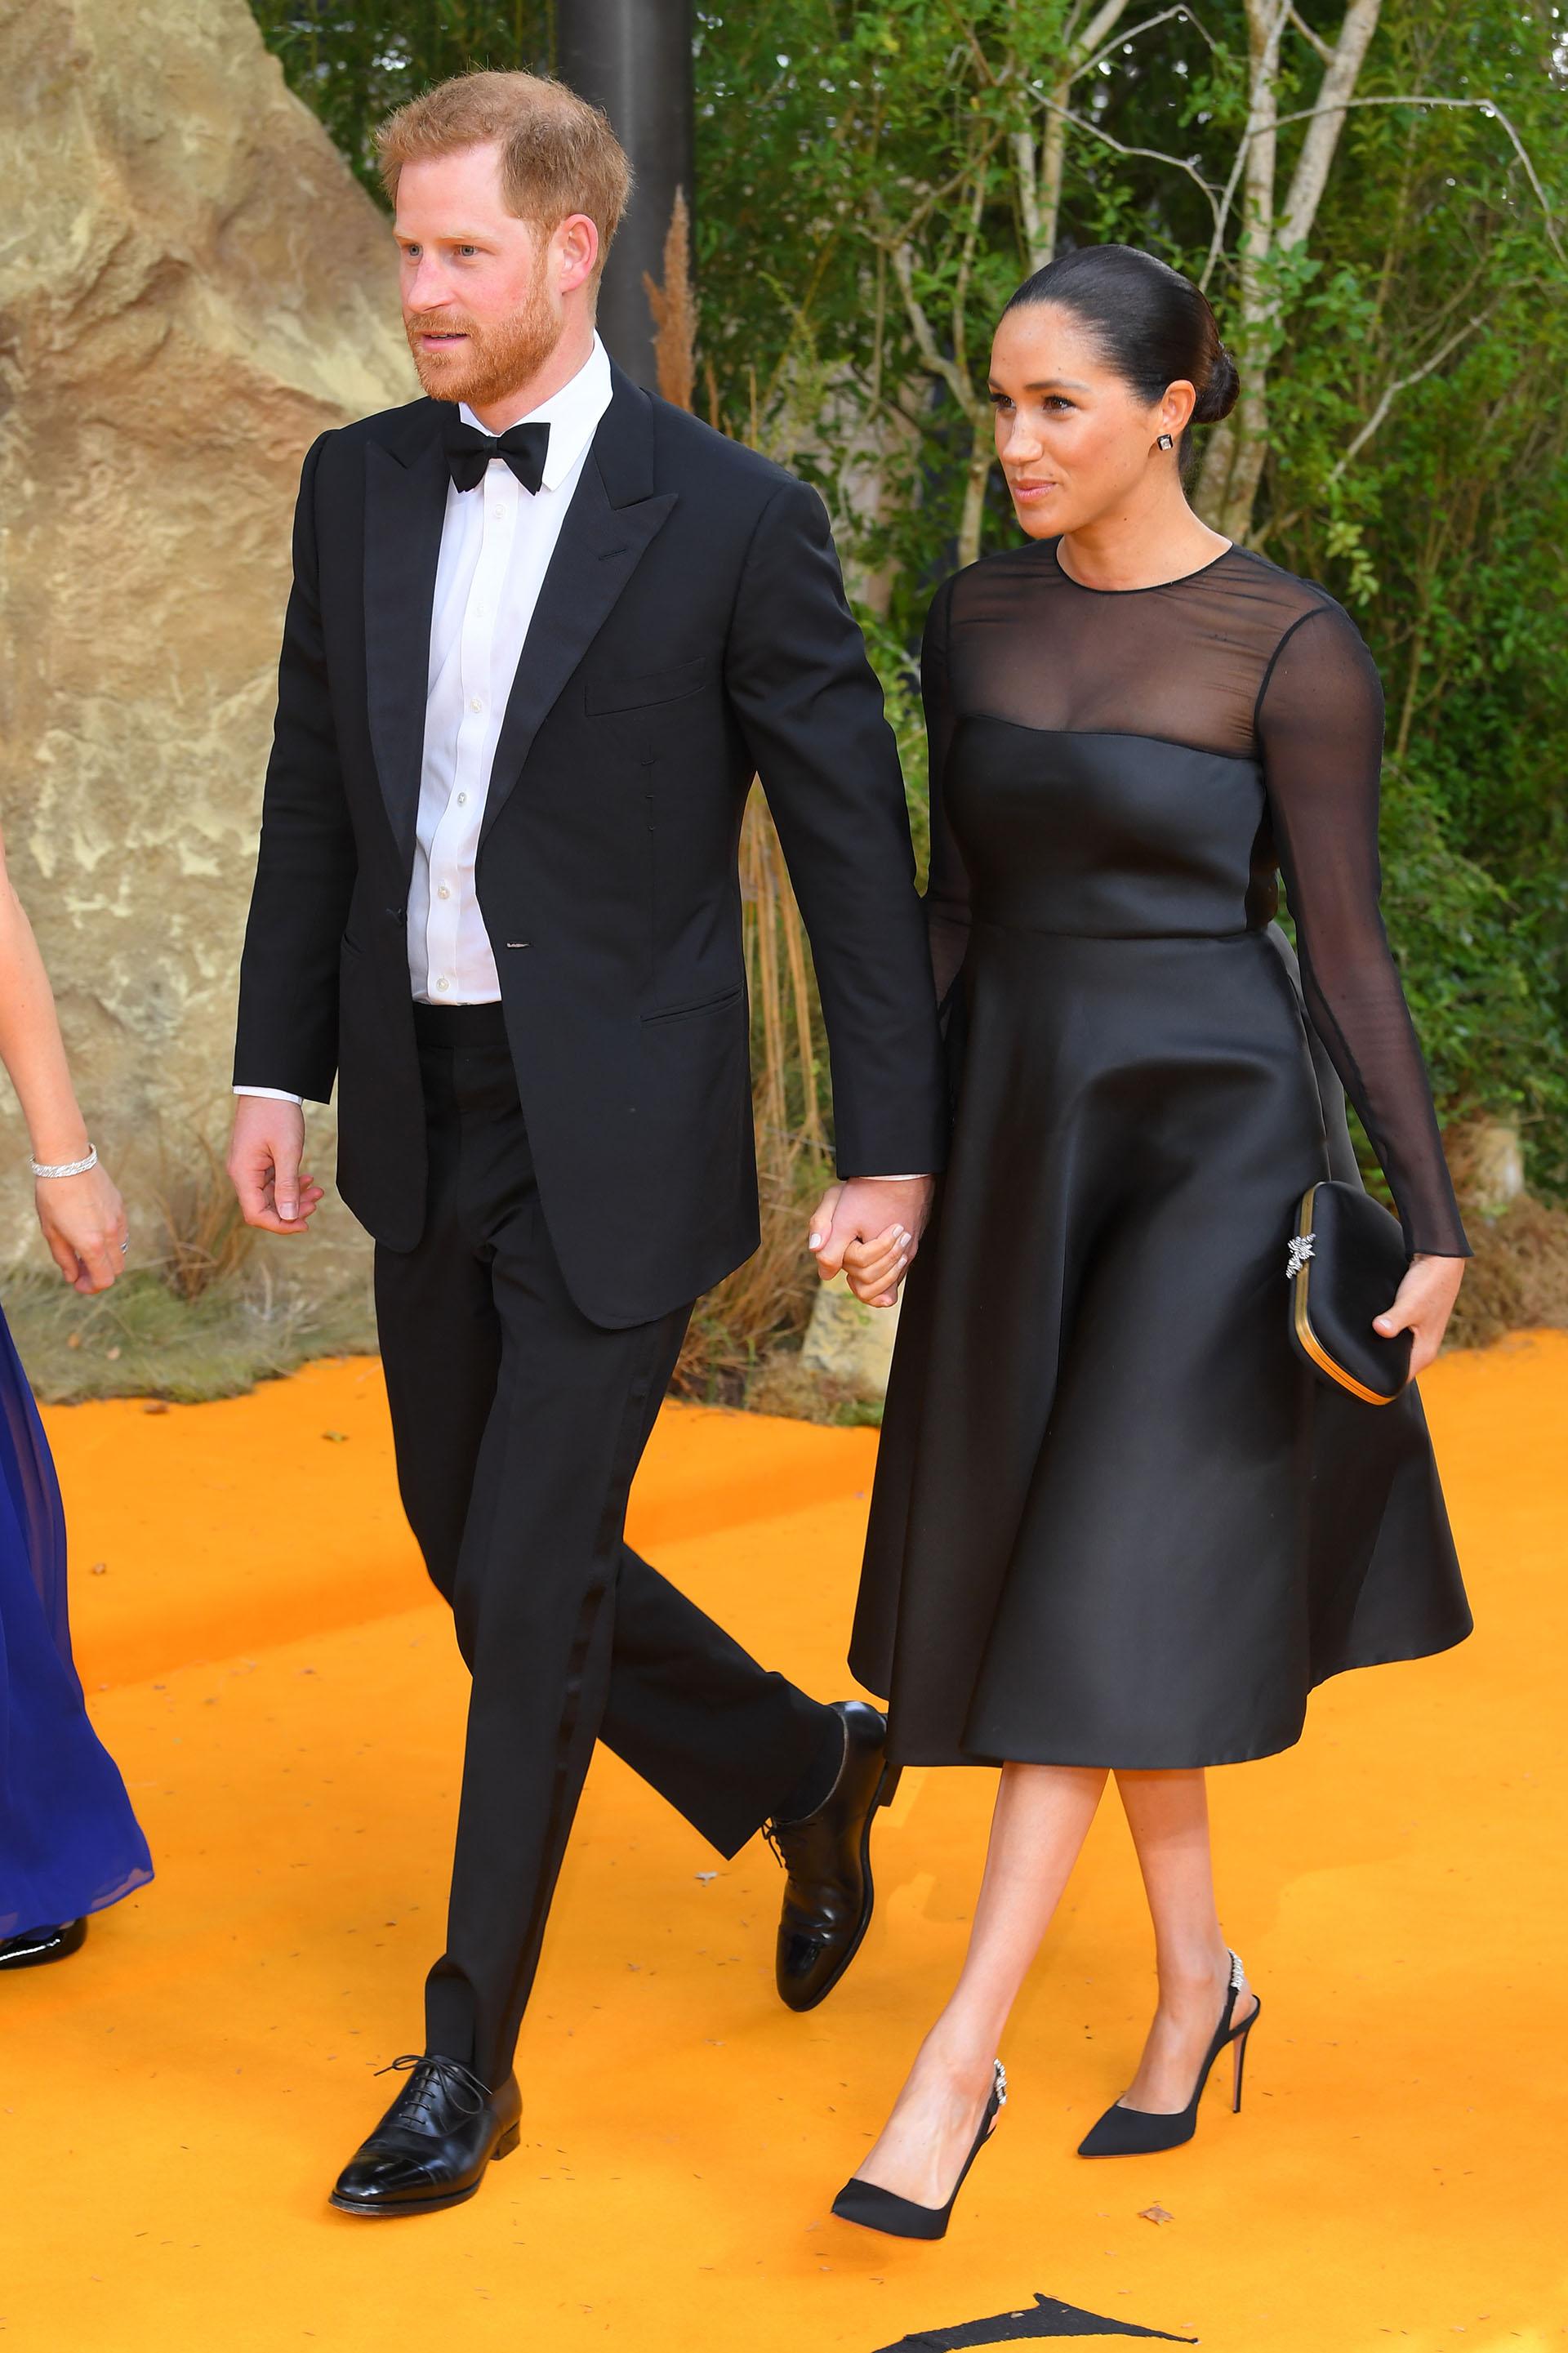 El príncipe con un tuxedo y la duquesa con un vestido negro de mangas largas de Jason Wu (David Fisher/Shutterstock (10332765ar))